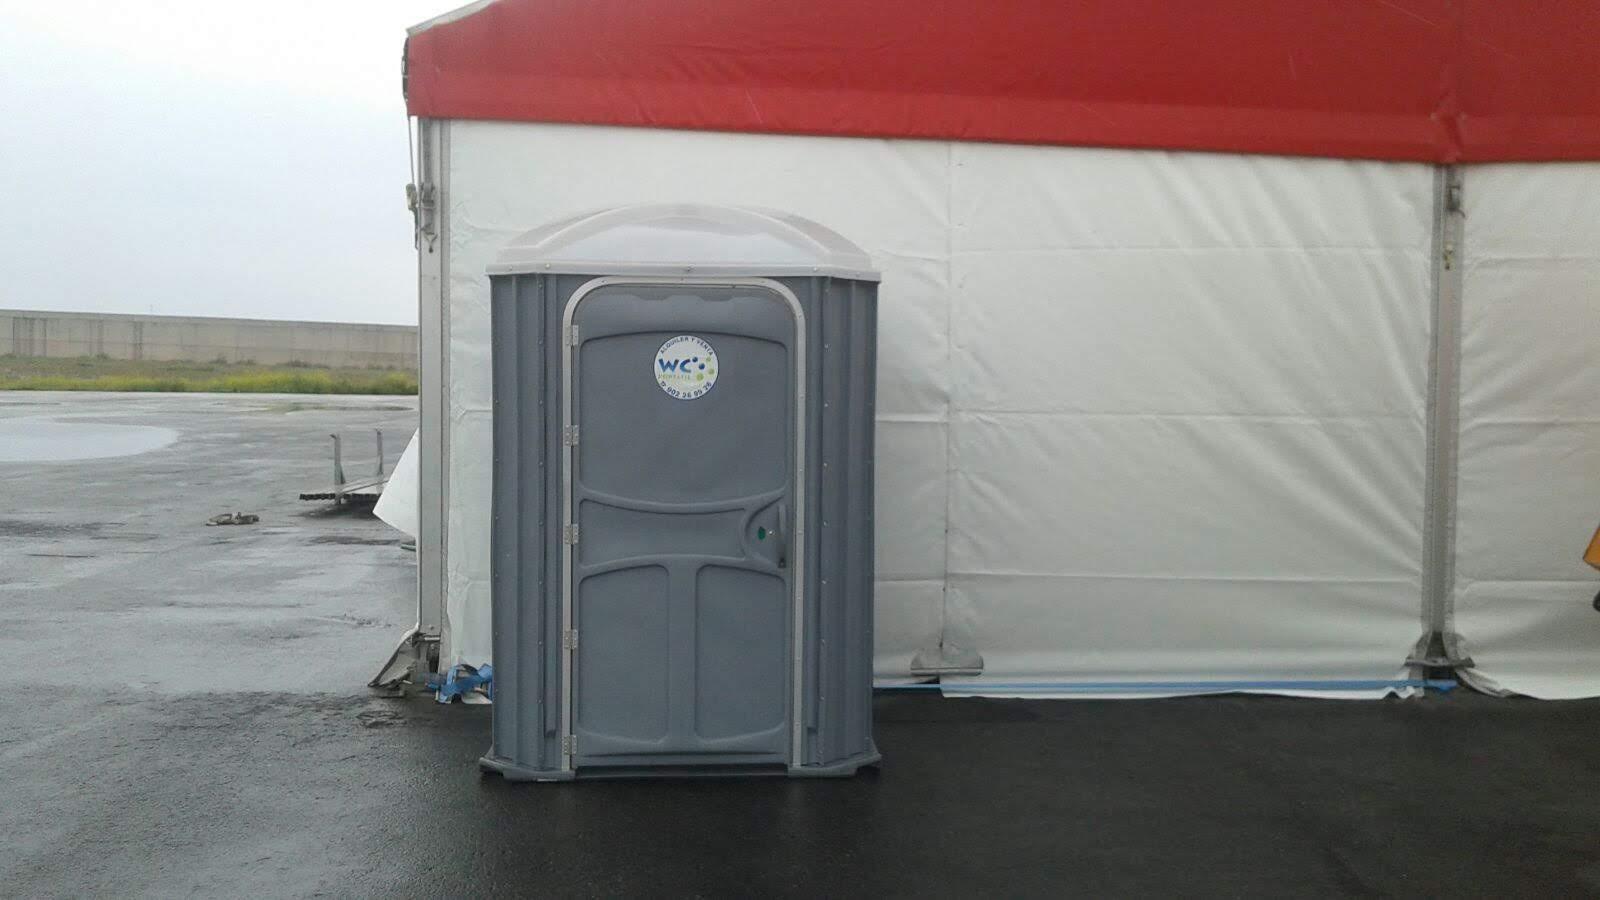 WC discapacitados